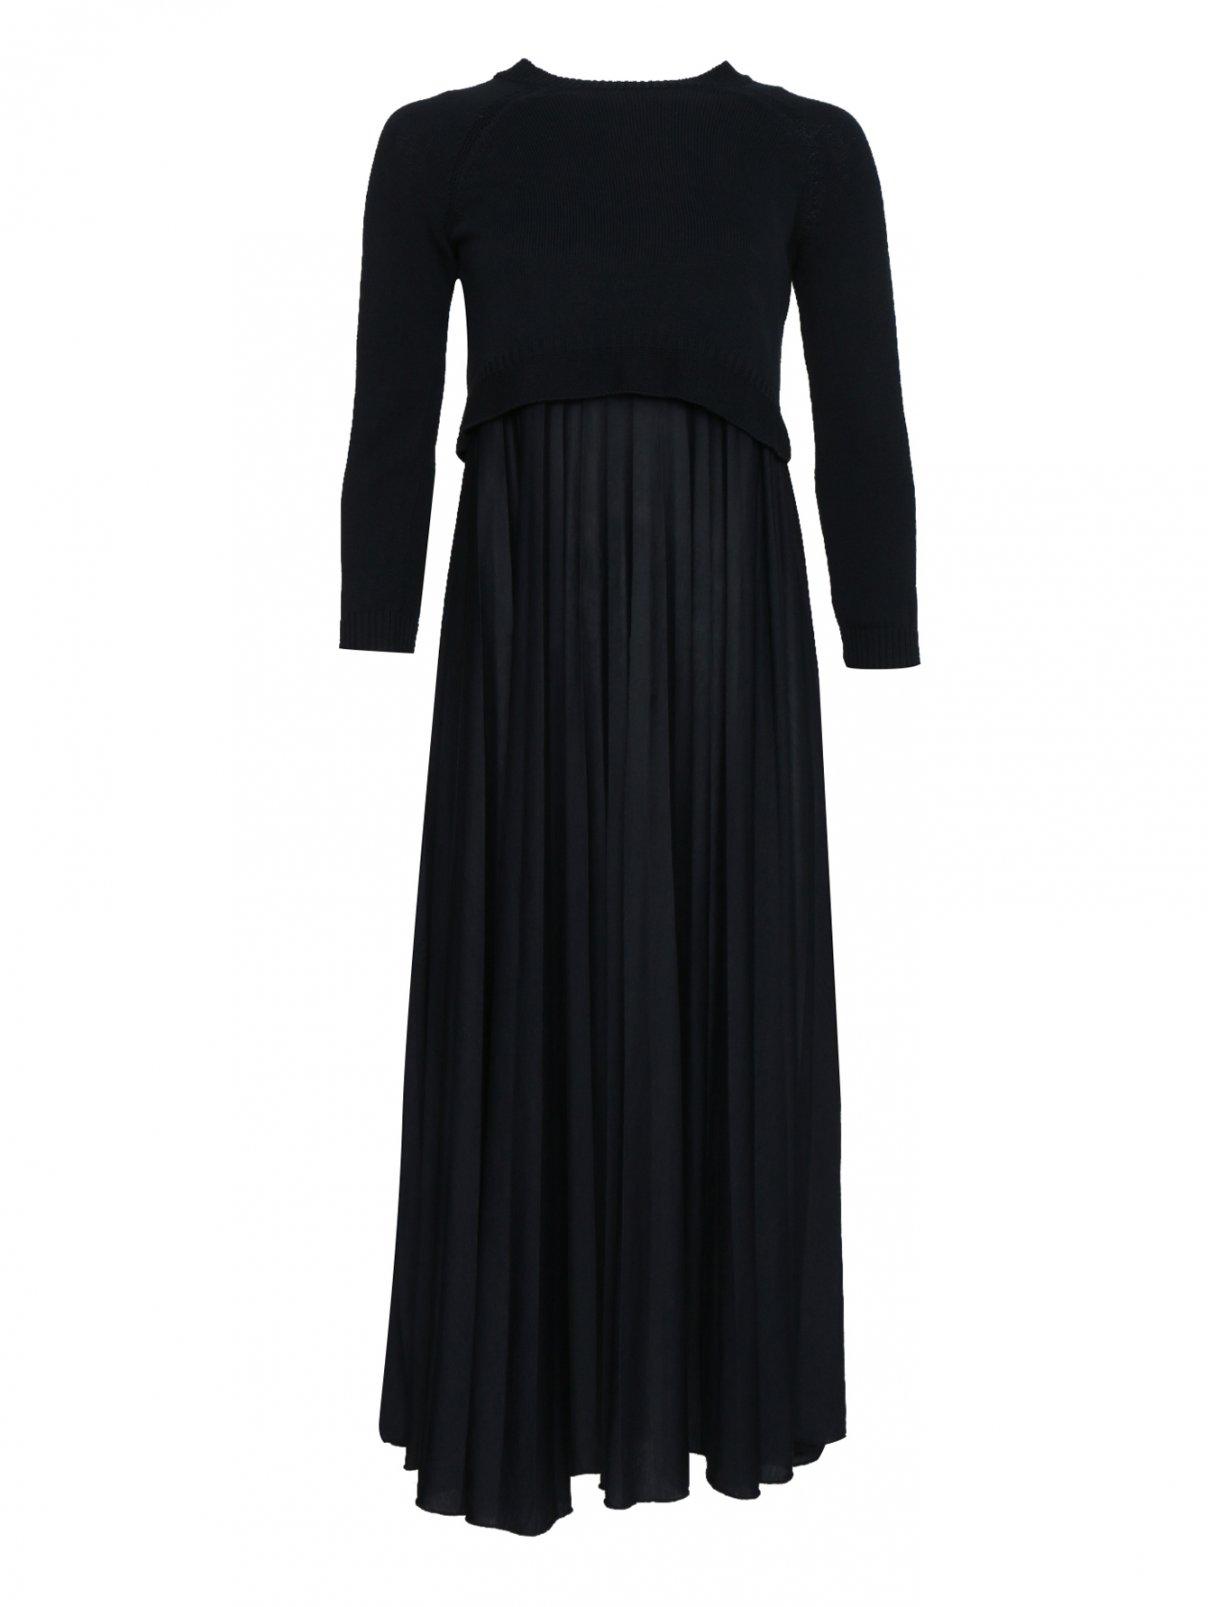 Платье трикотажное из хлопка, с юбкой плиссе Weekend Max Mara  –  Общий вид